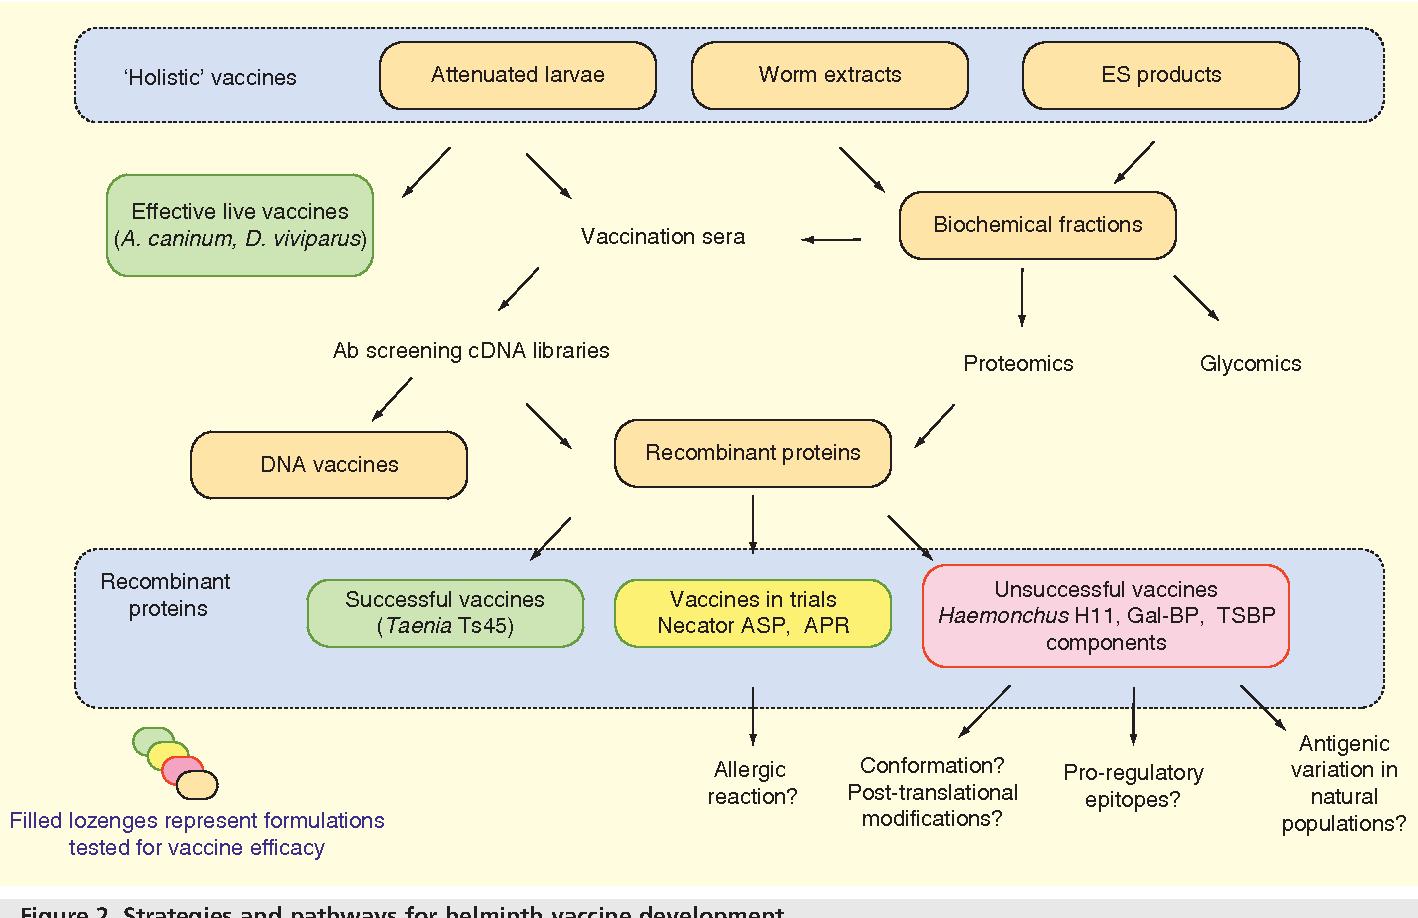 schema de tratament helmint medicină pentru giardie și viermi